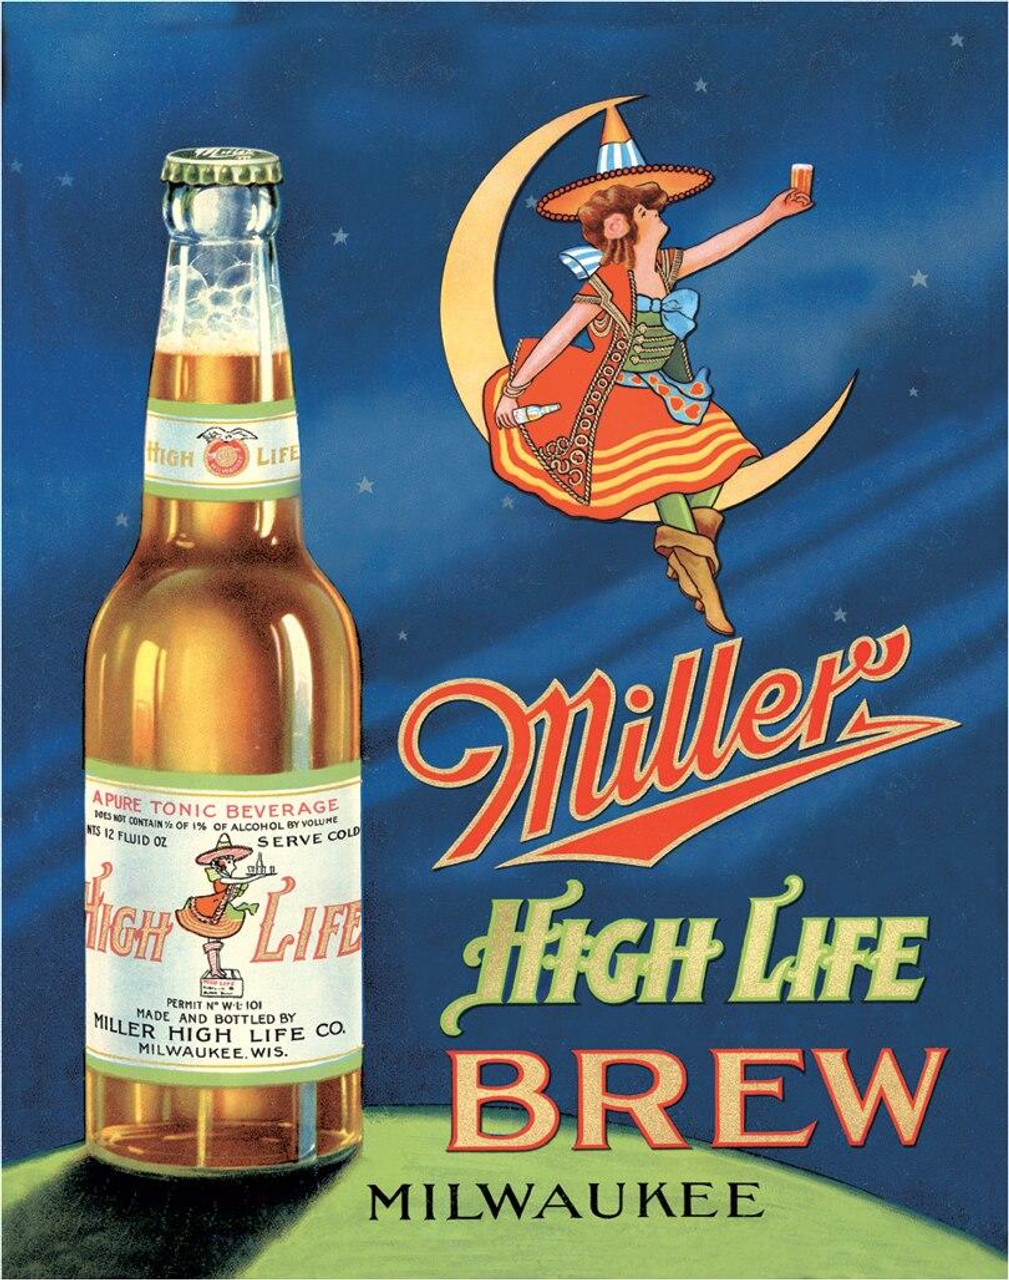 Molson Coors Miller High Life Brew